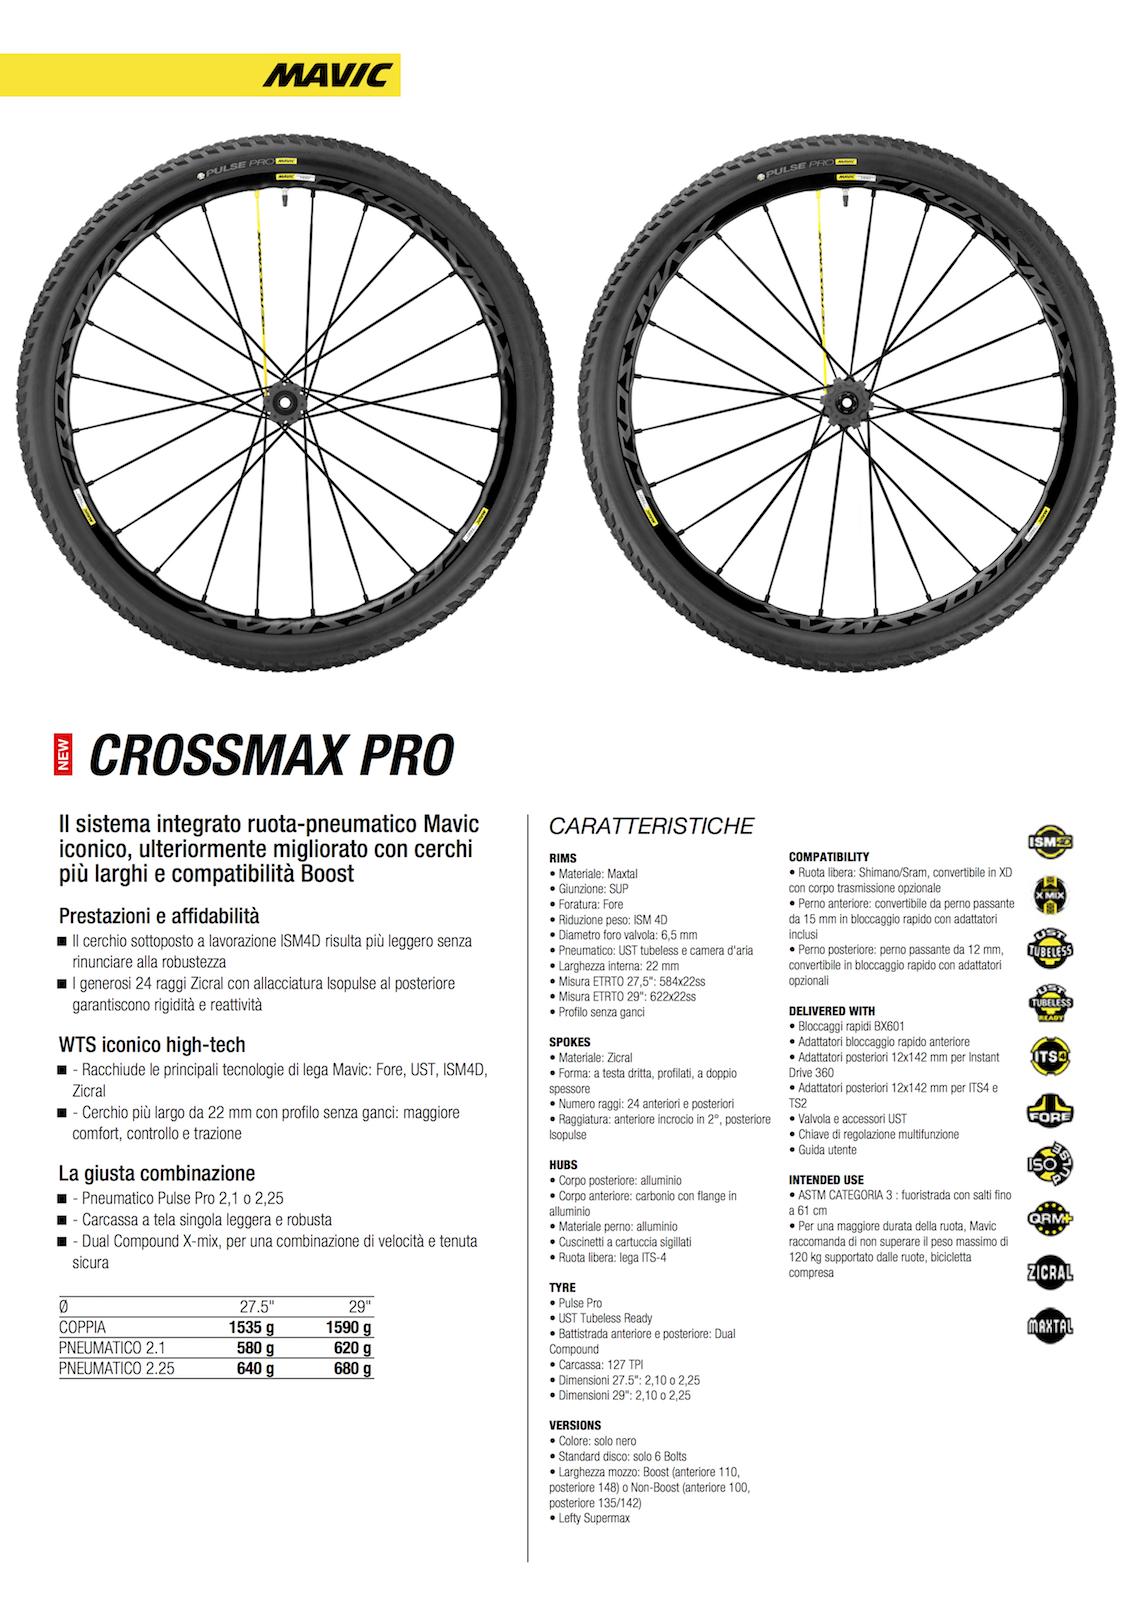 F54801_Crossmax_Pro